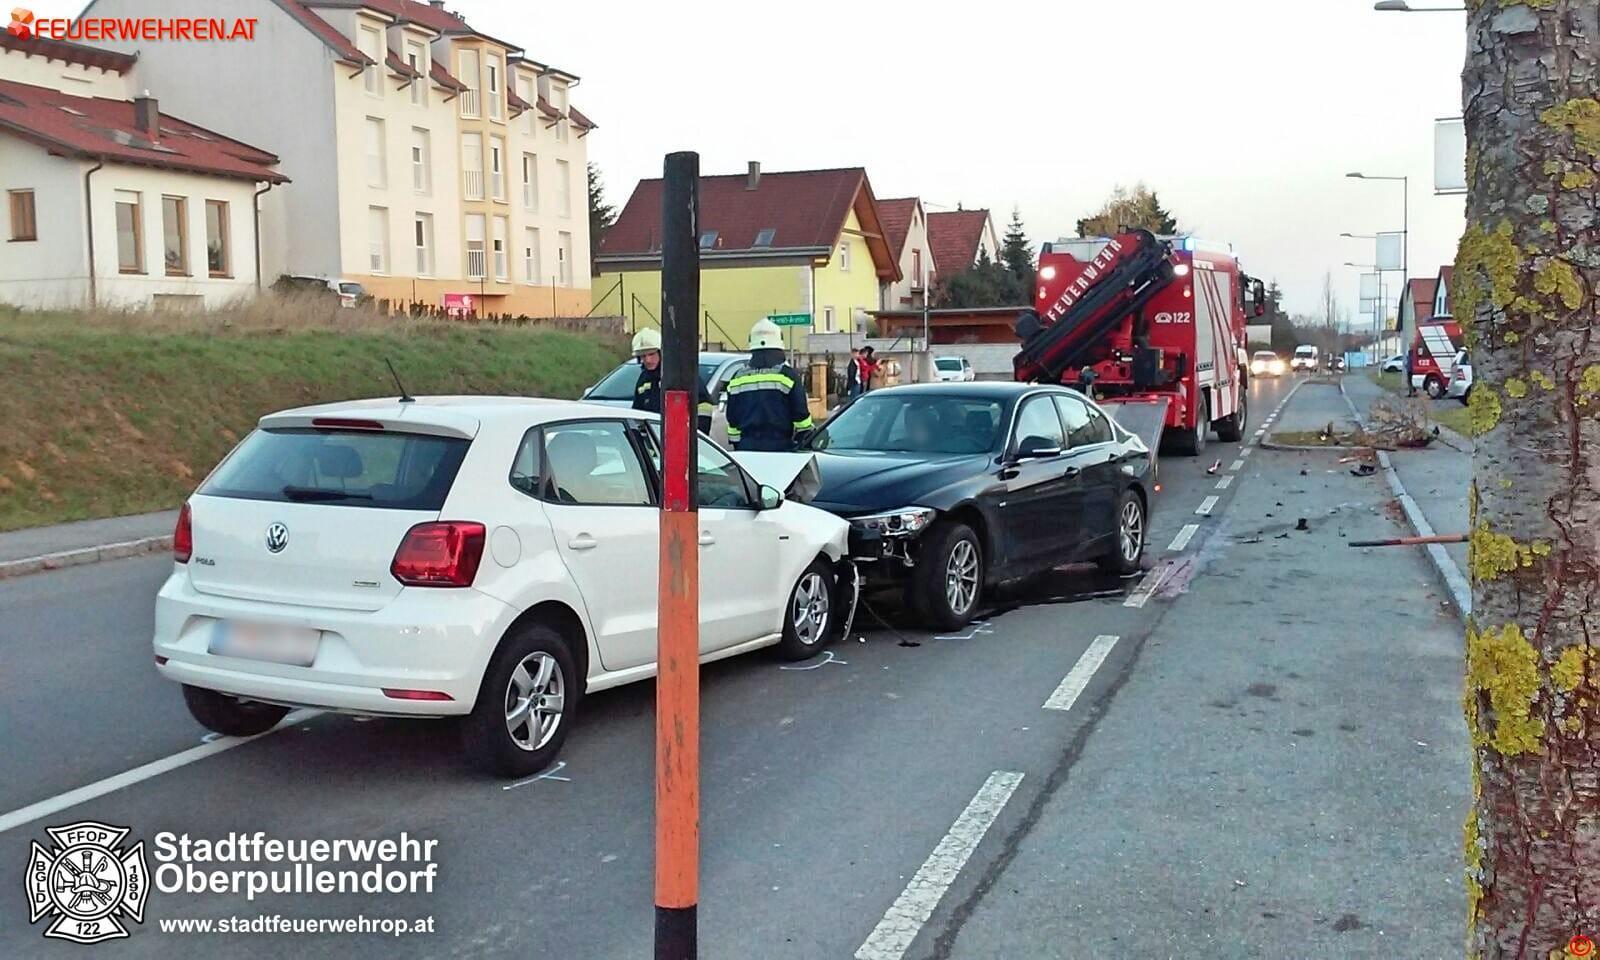 Stadtfeuerwehr Oberpullendorf: Verkehrsunfall auf der B50 1